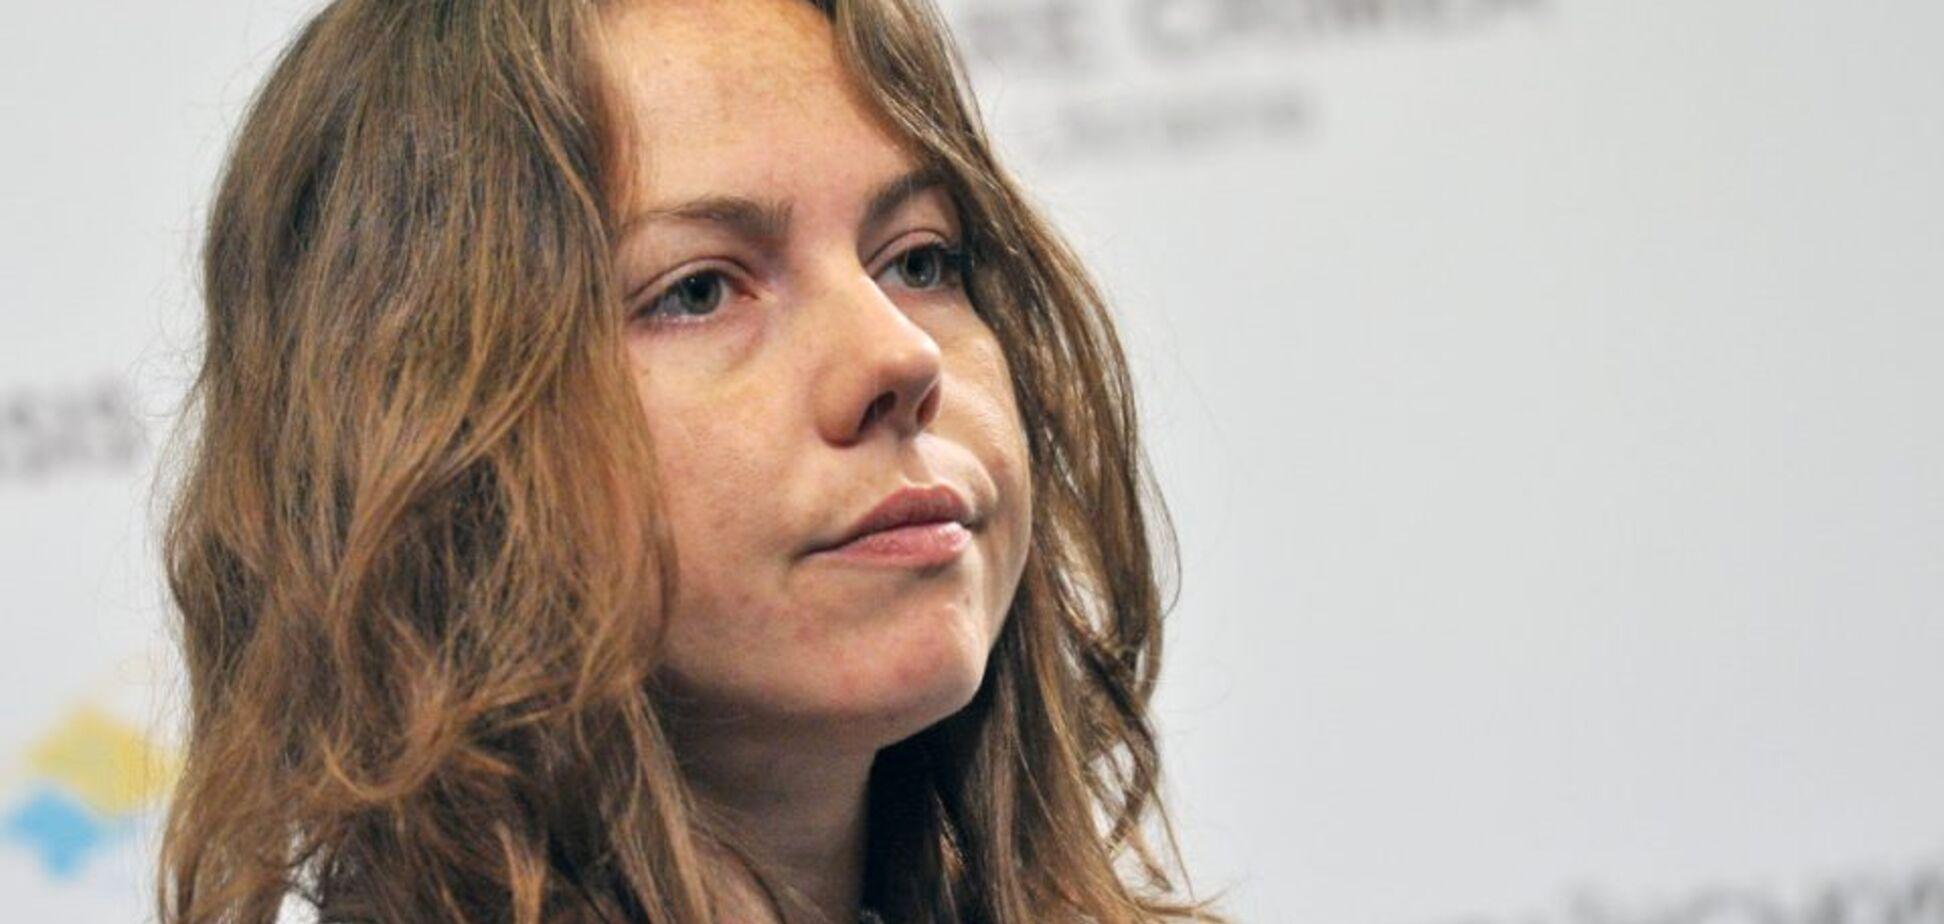 Віра Савченко поскаржилася на незаконність ізолятора СБУ